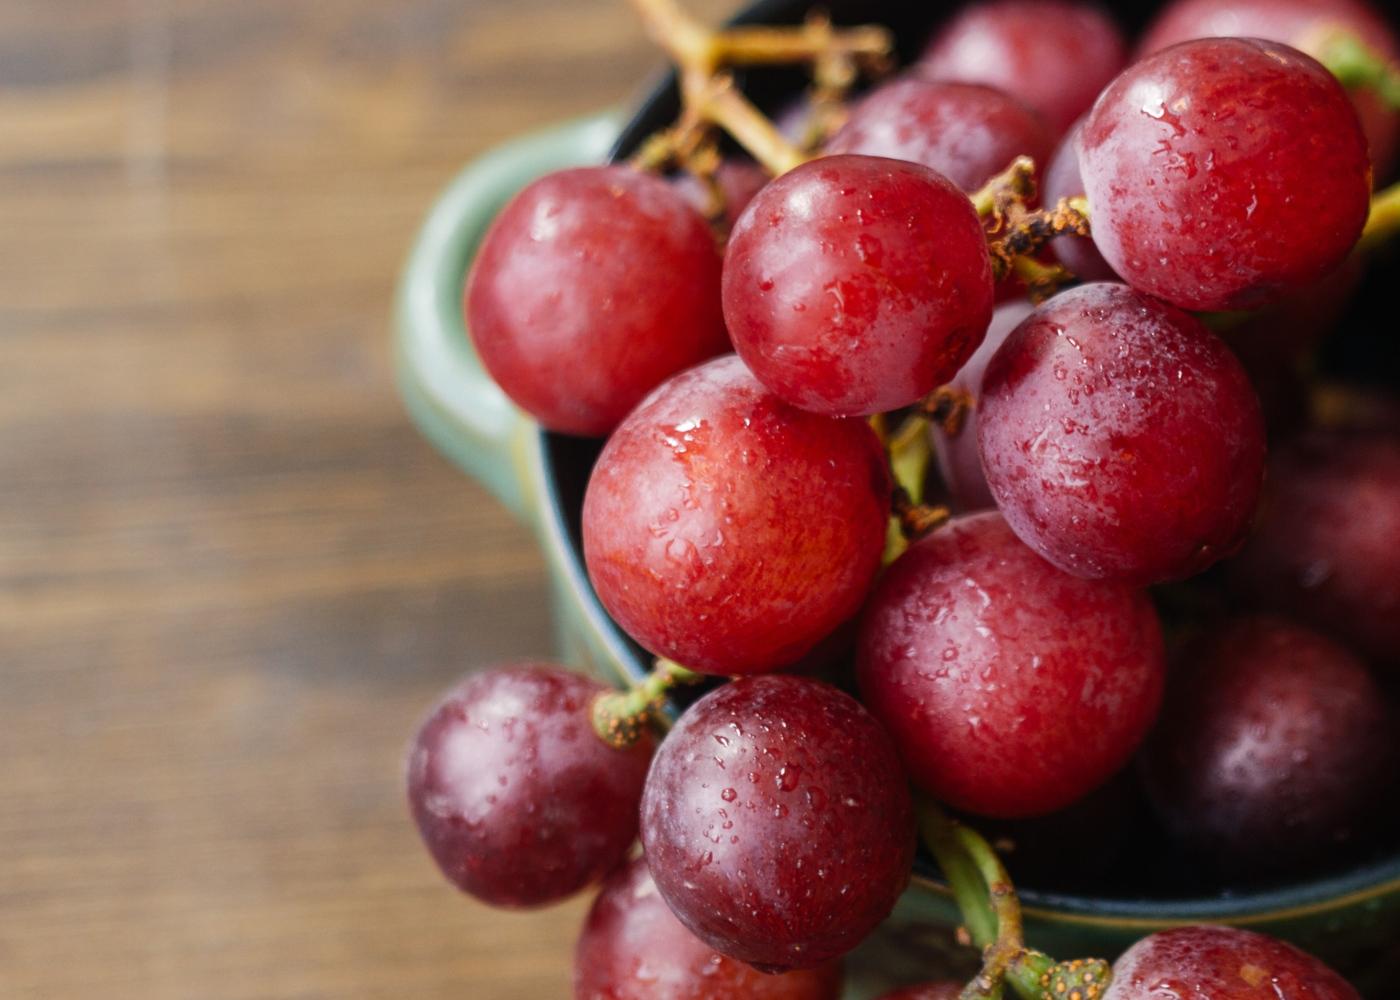 Alimentos com propriedades anti-inflamatórias: uvas